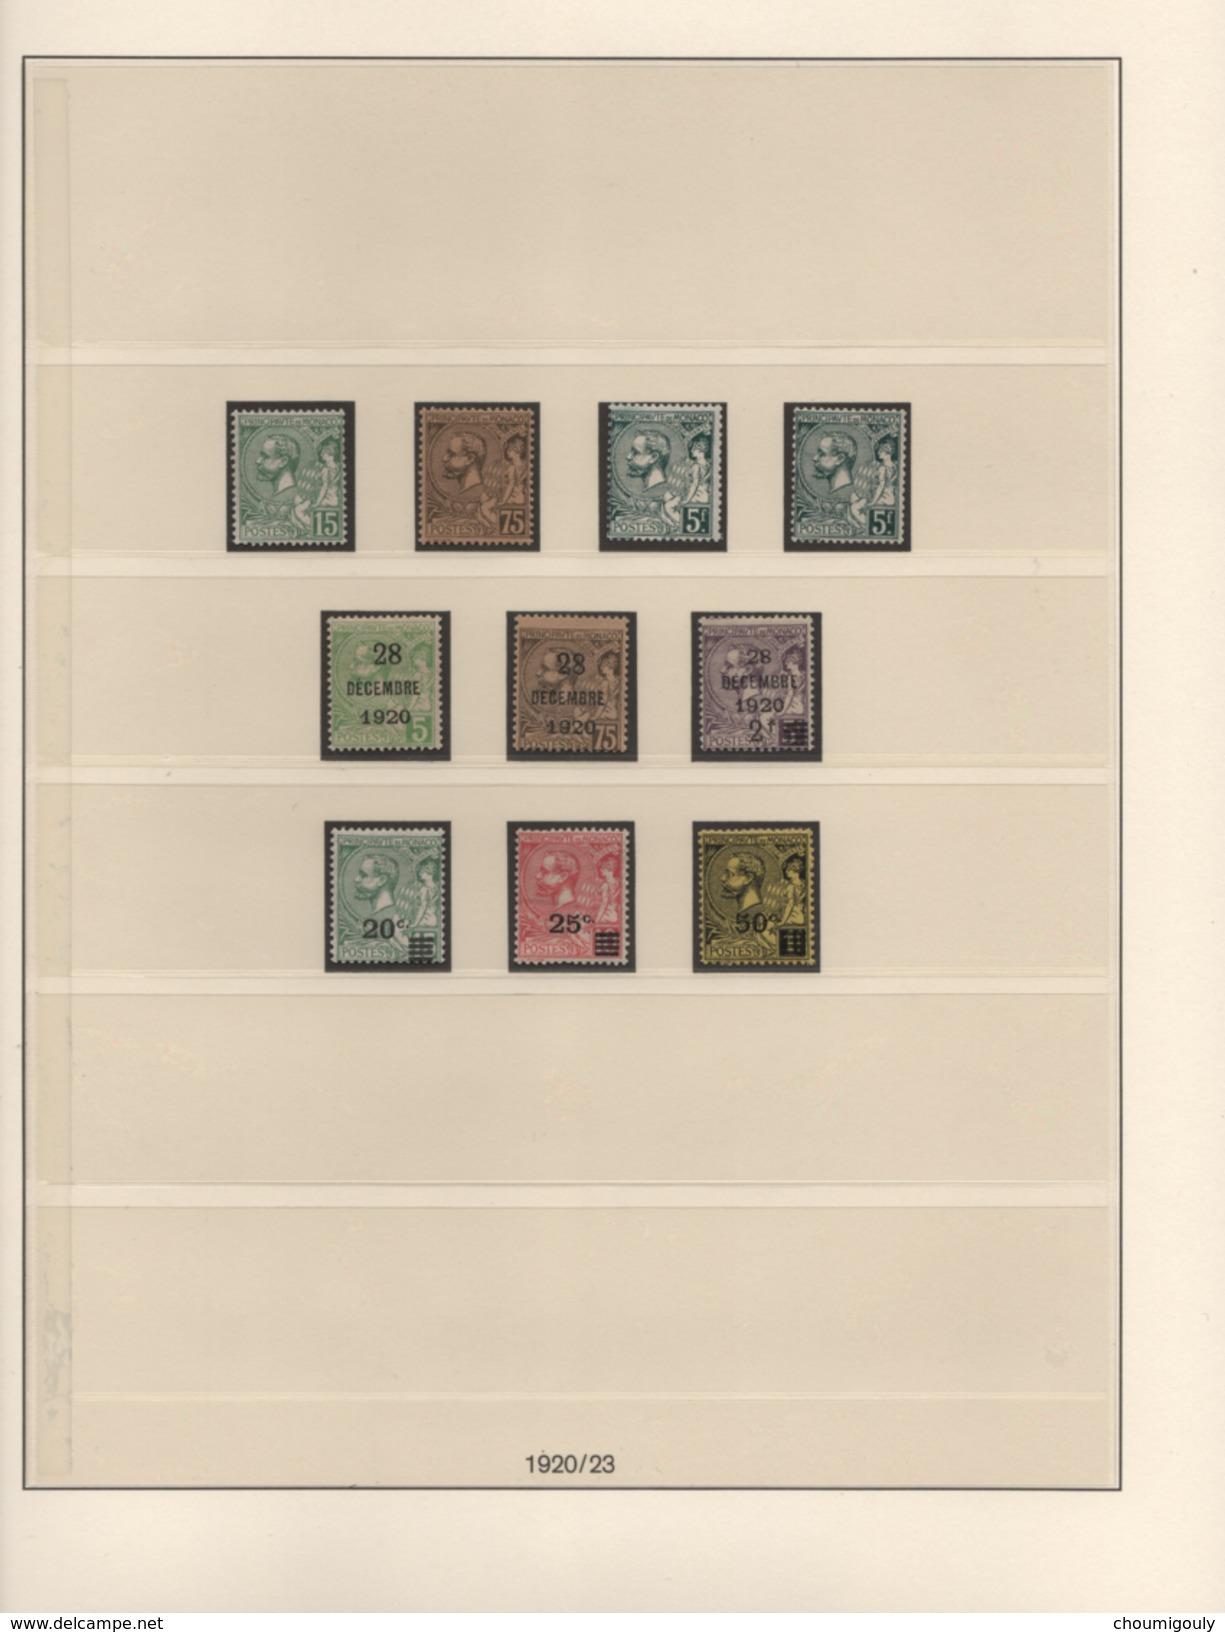 MONACO EXCEPTIONNELLE COLLECTION NEUFS Xx 1885 A 1944 COMPLETE SAUF UN TIMBRE !! - Collections, Lots & Séries